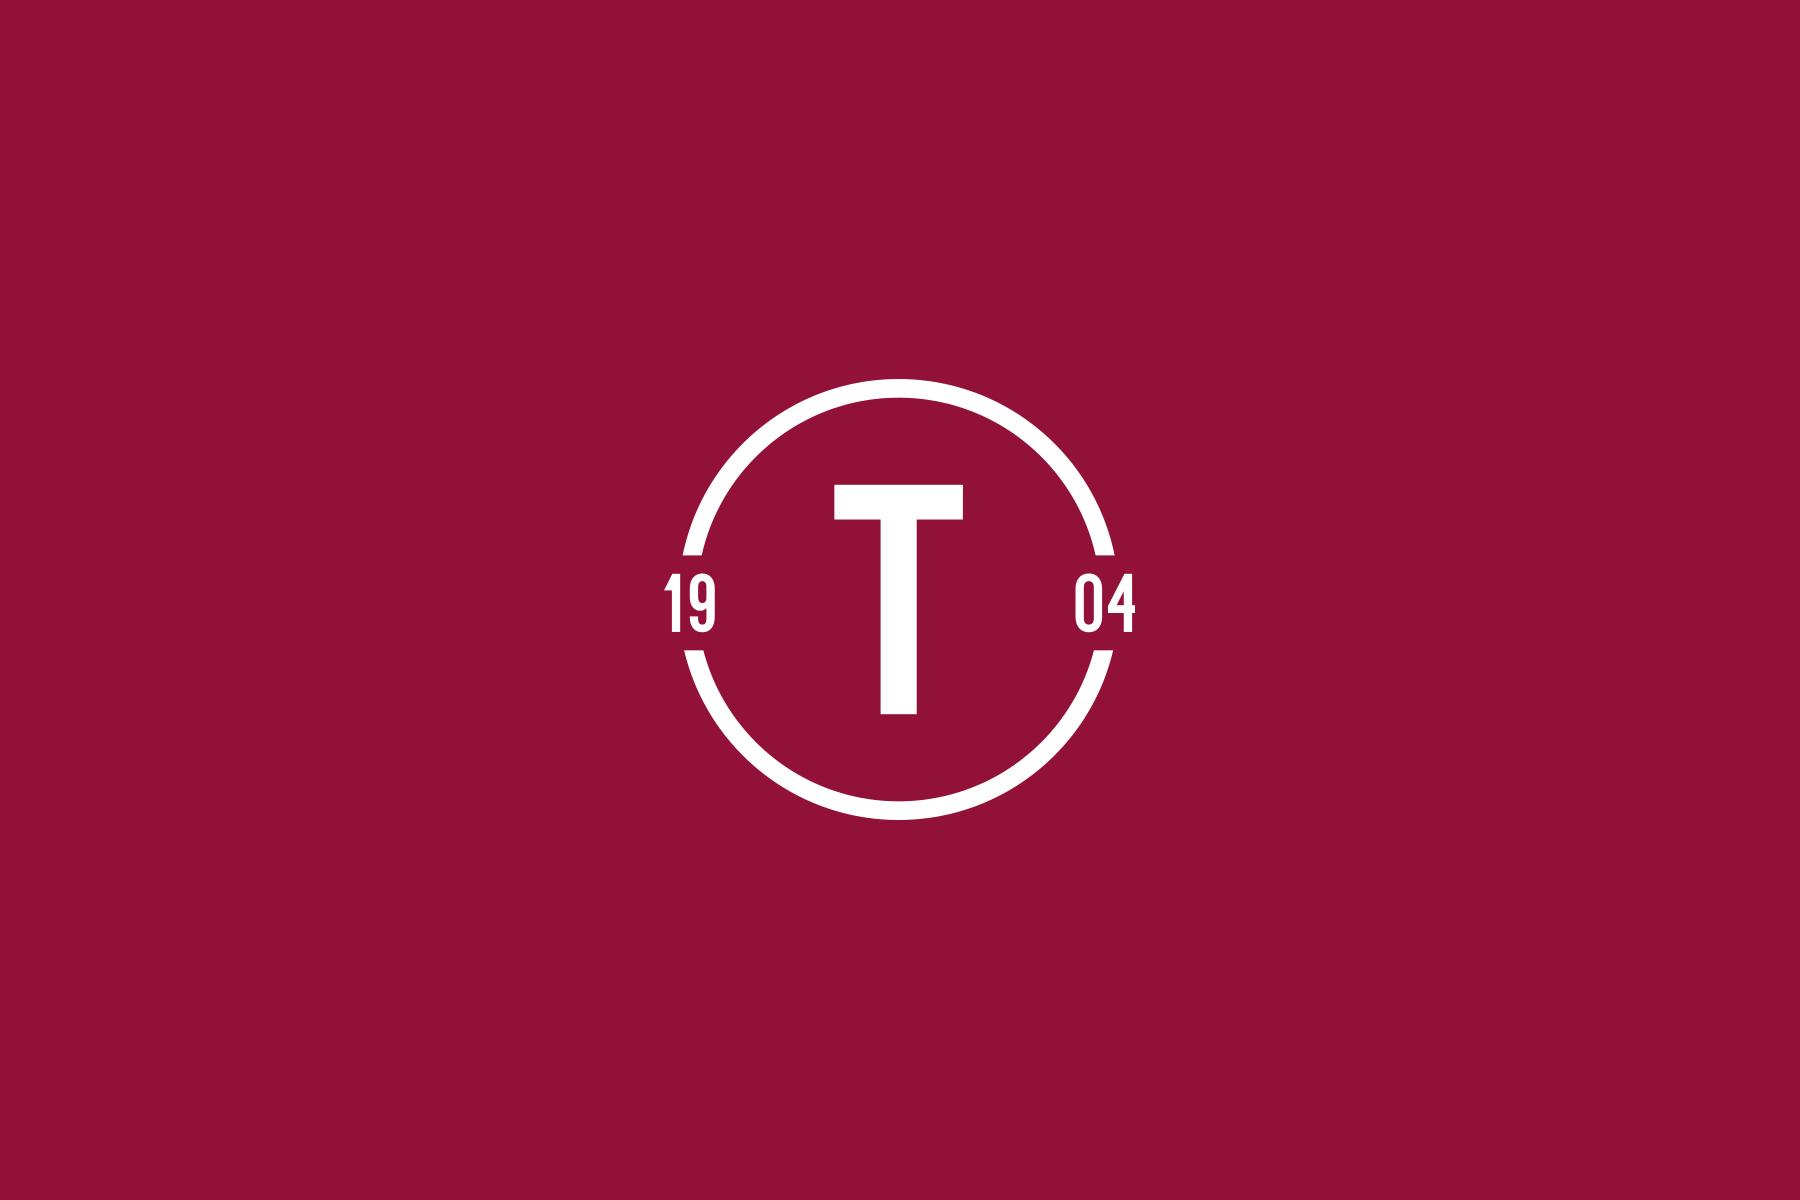 Tramsheds-web1.jpg